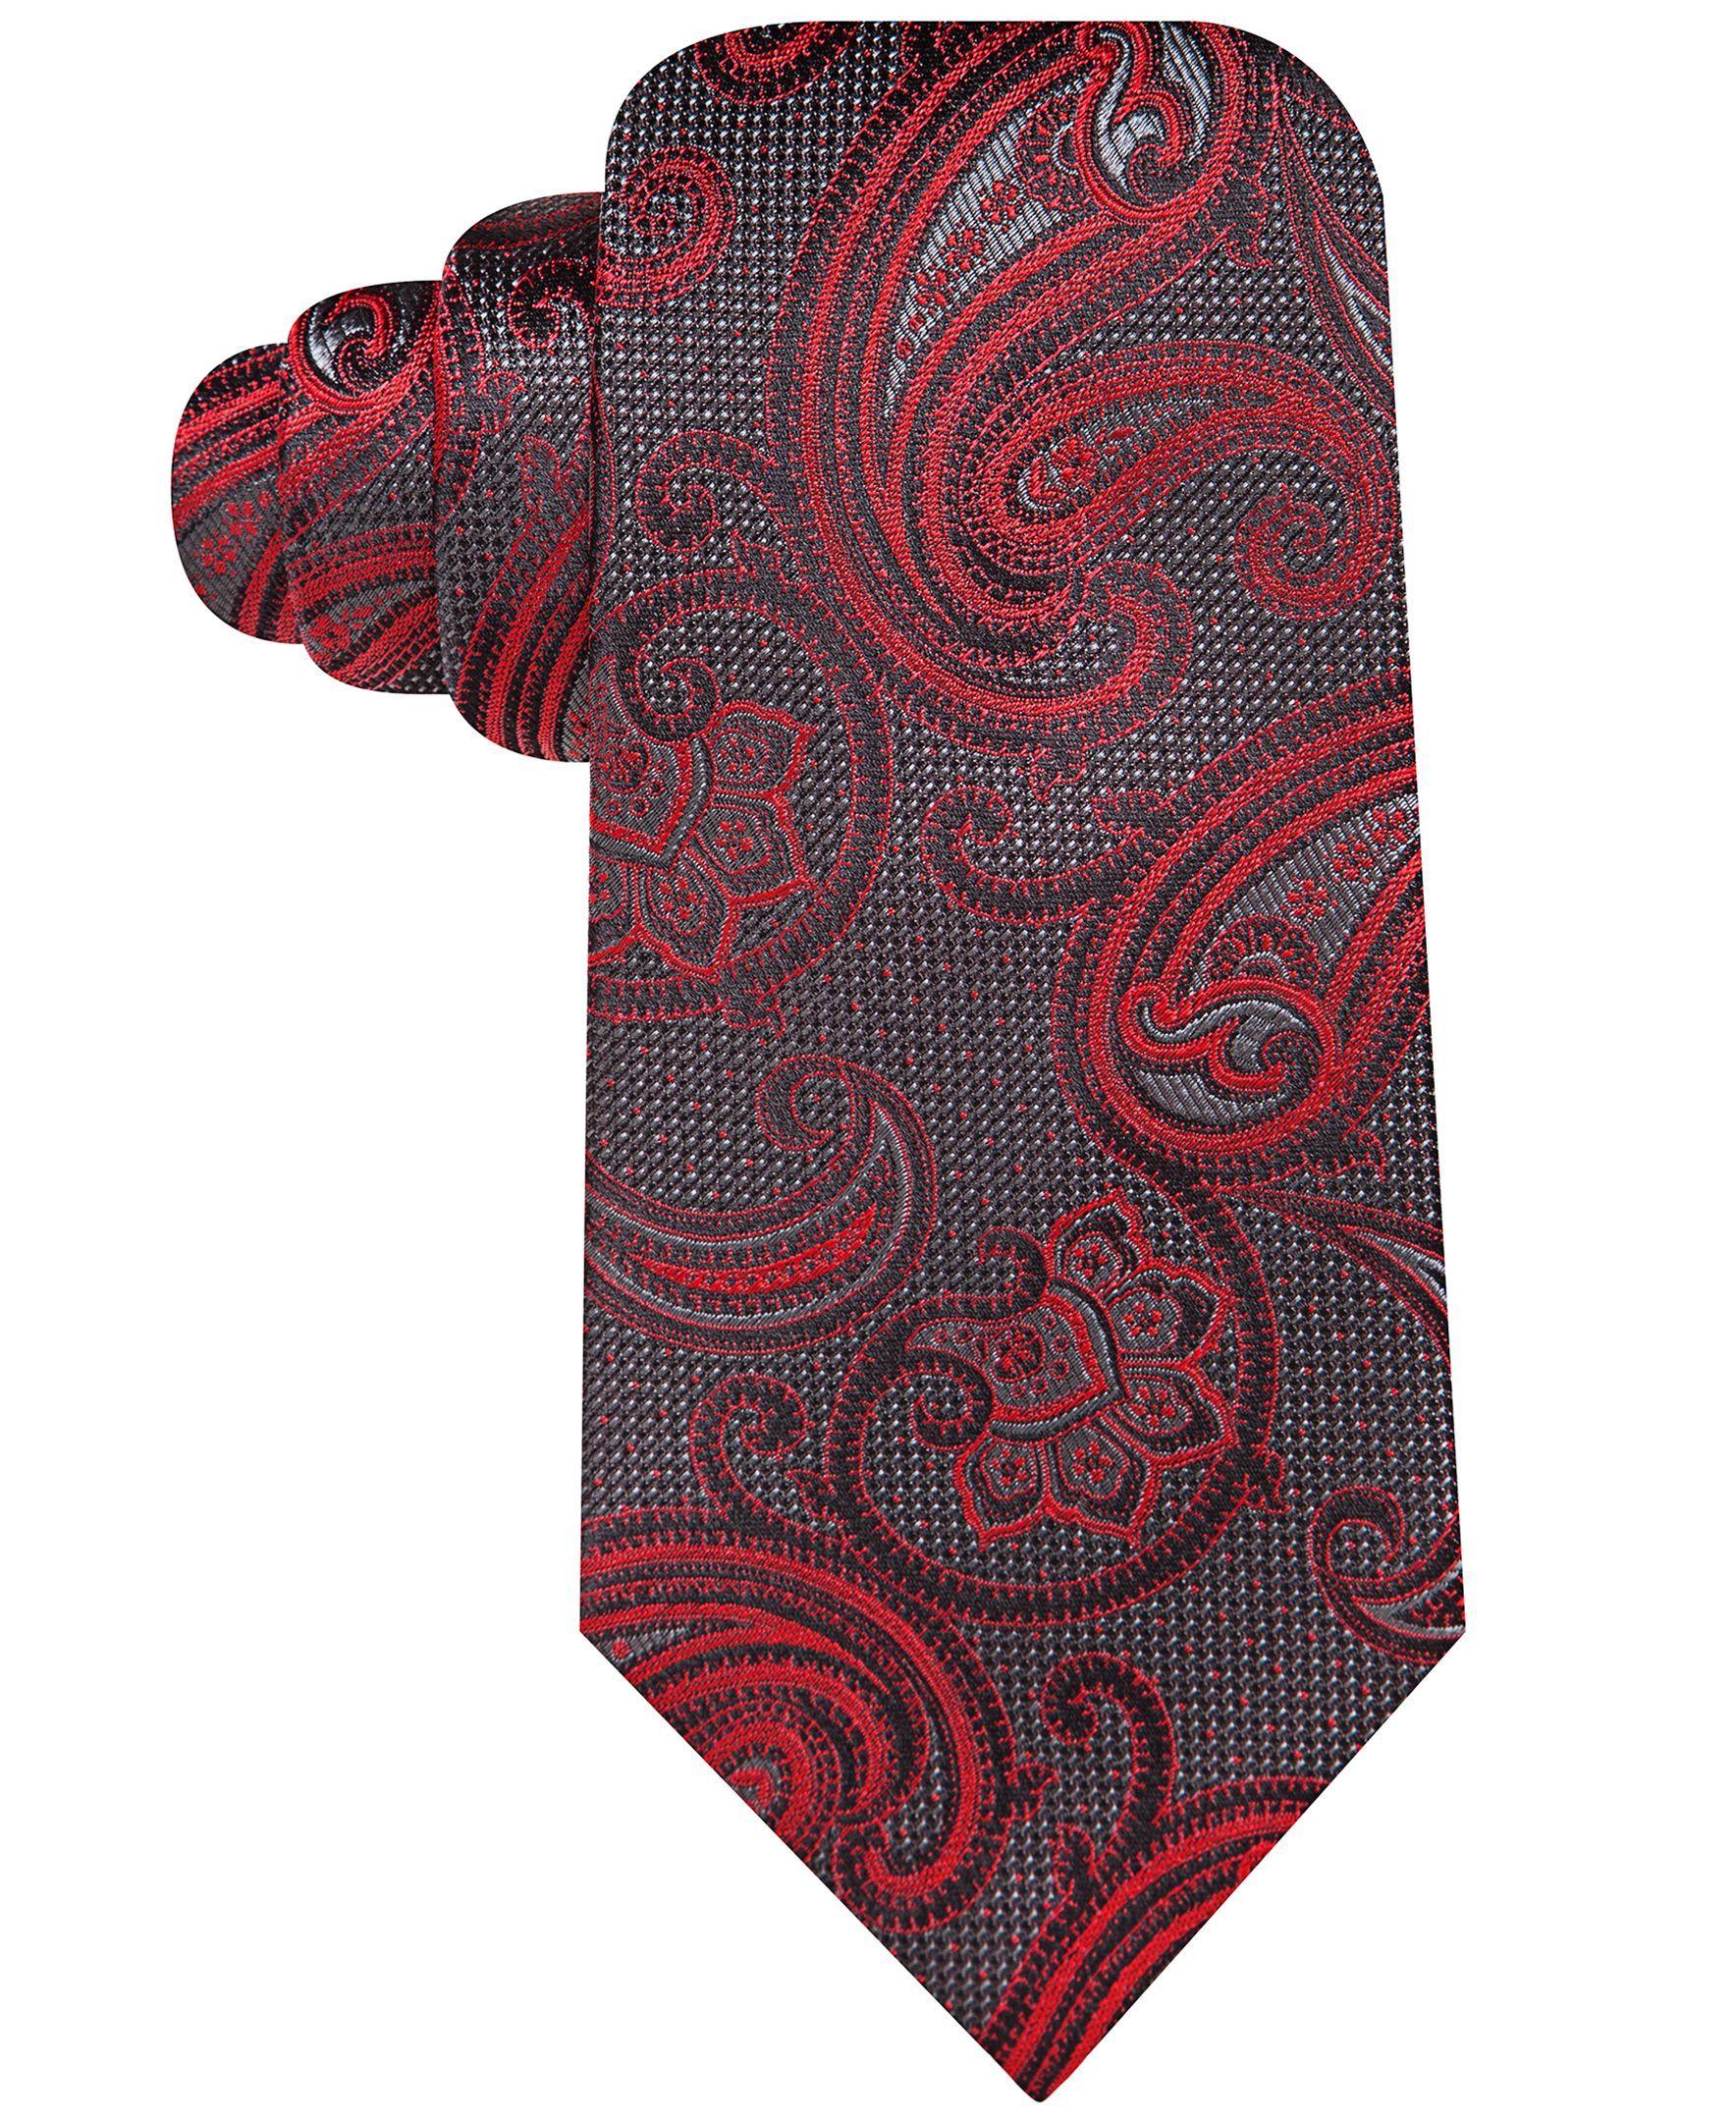 Countess Mara Textured Paisley Tie